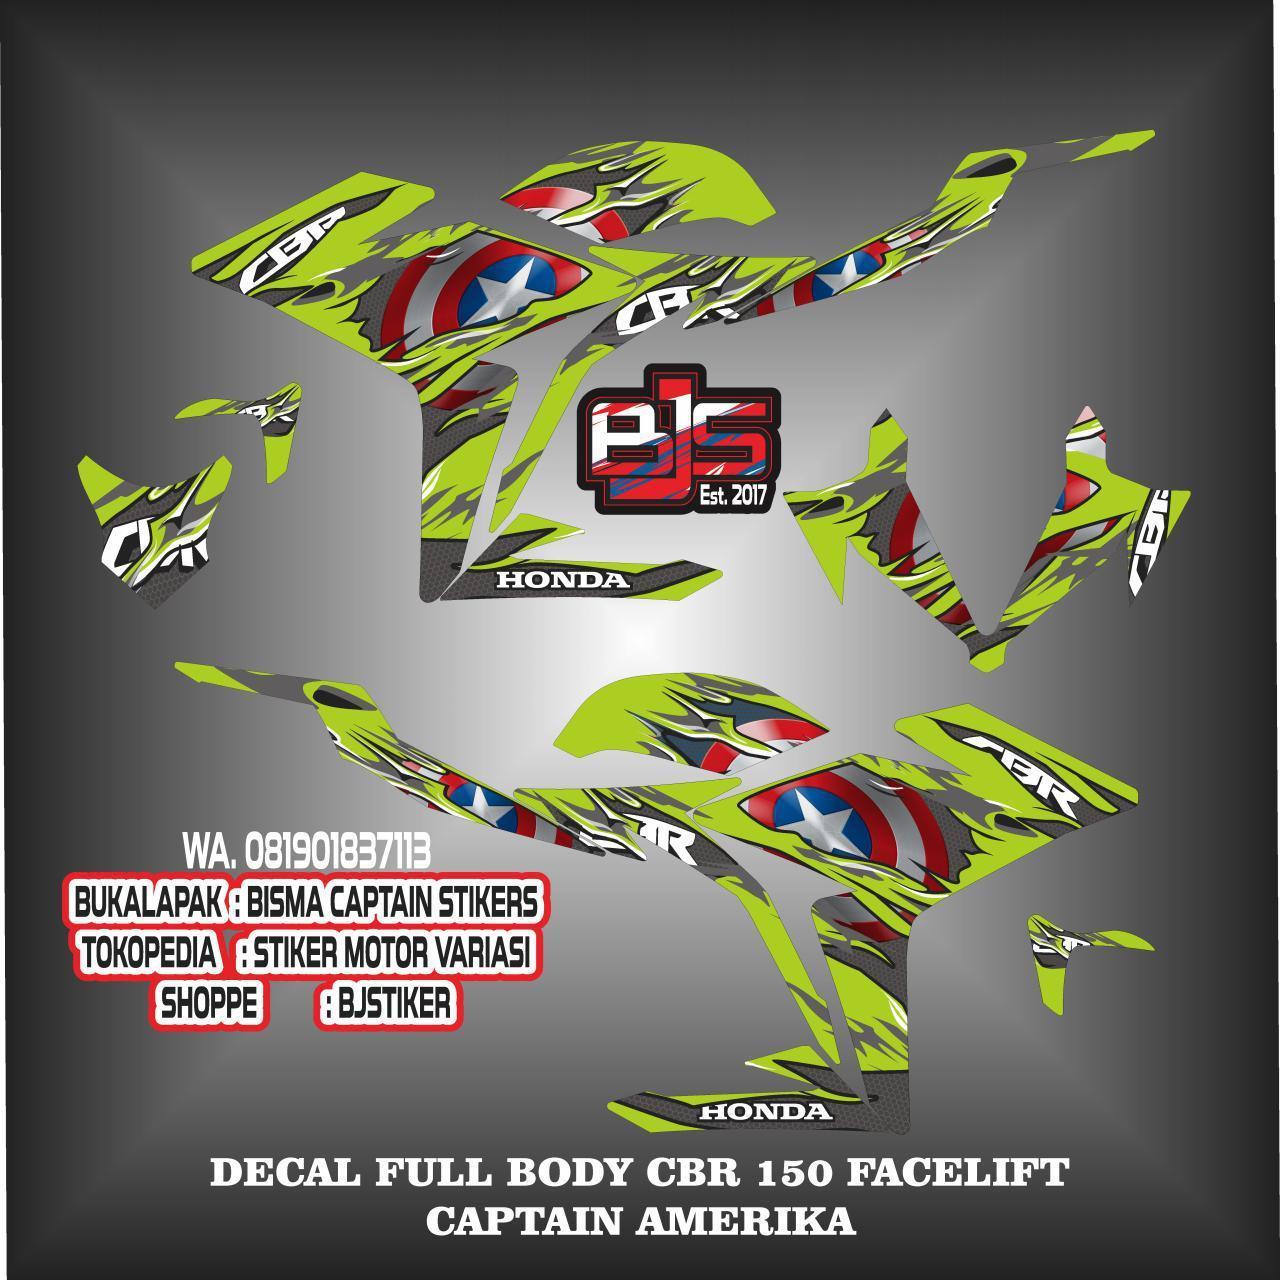 Fitur Stiker Striping List Decal Full Body Cbr New Facelift 150 Sticker Variasi Fullbody Klx S Captain Amerika 5